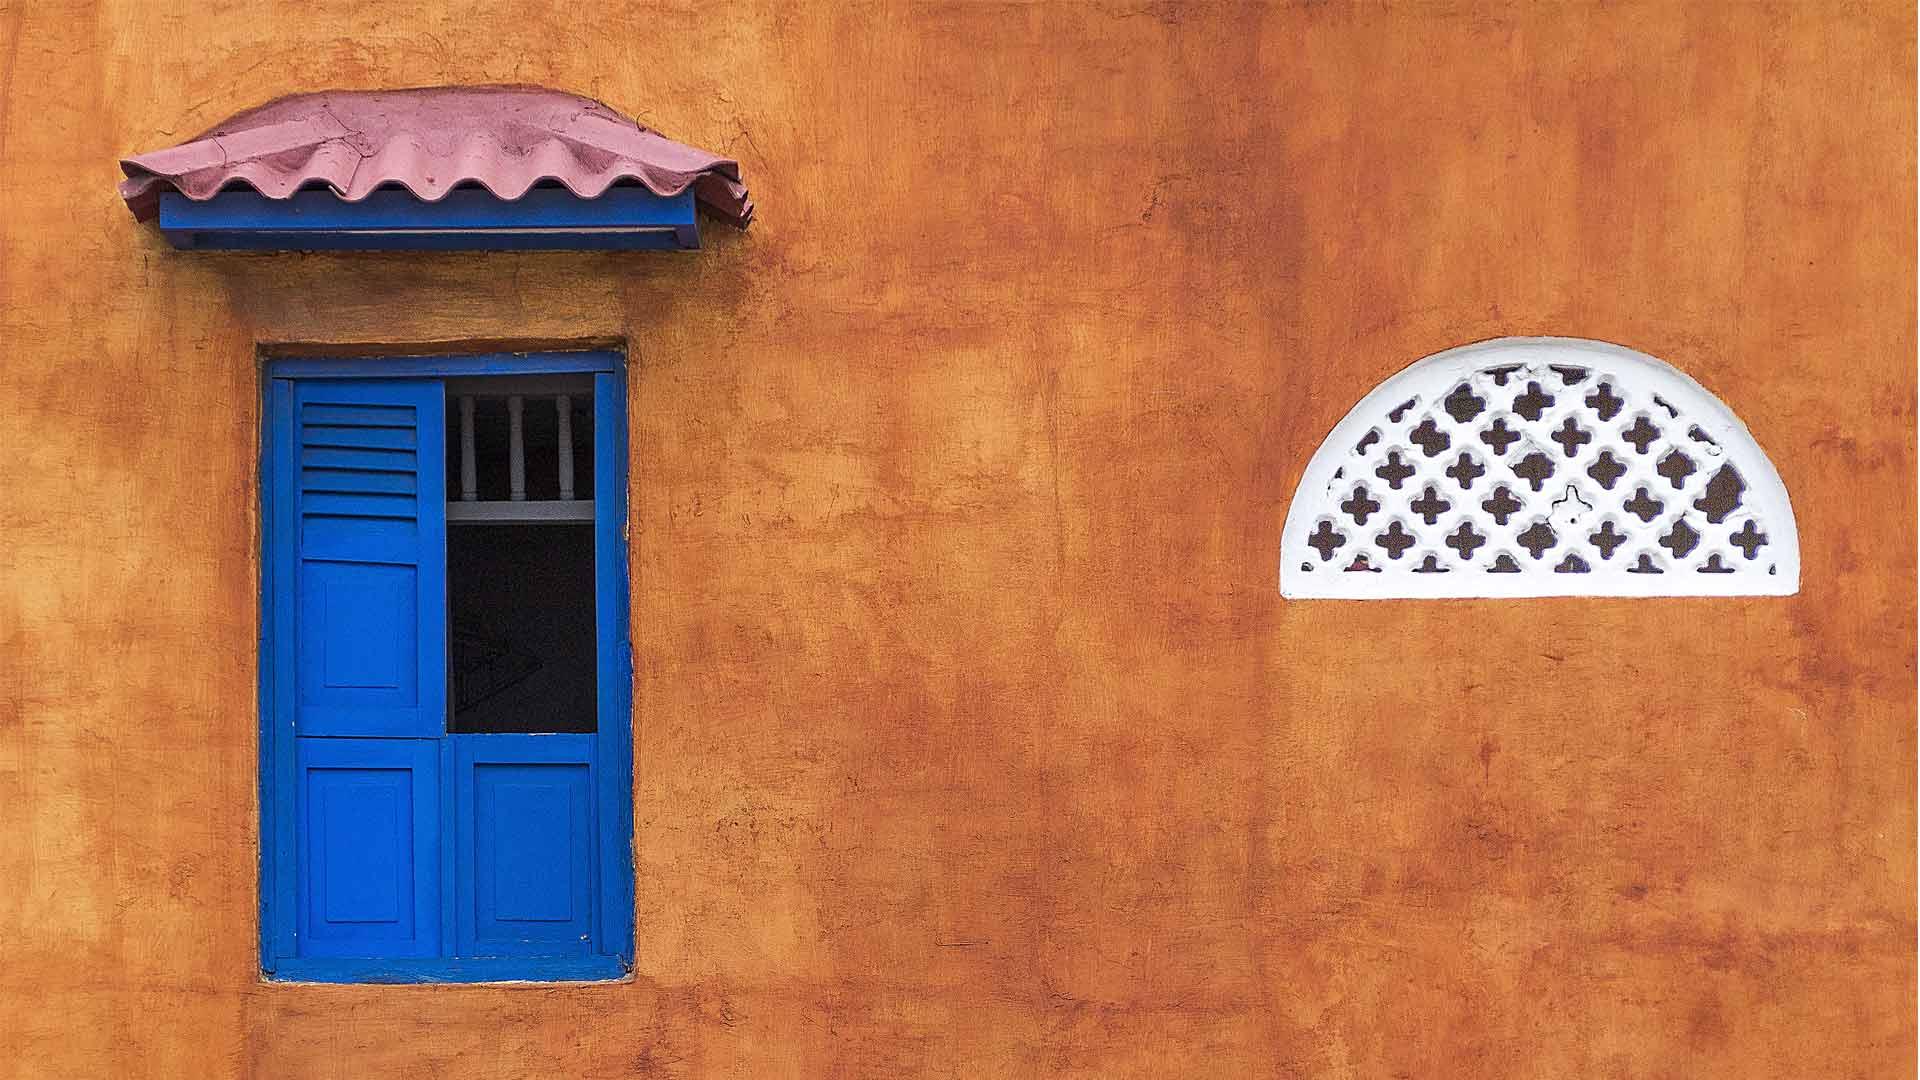 Casa e janela em Cartagena